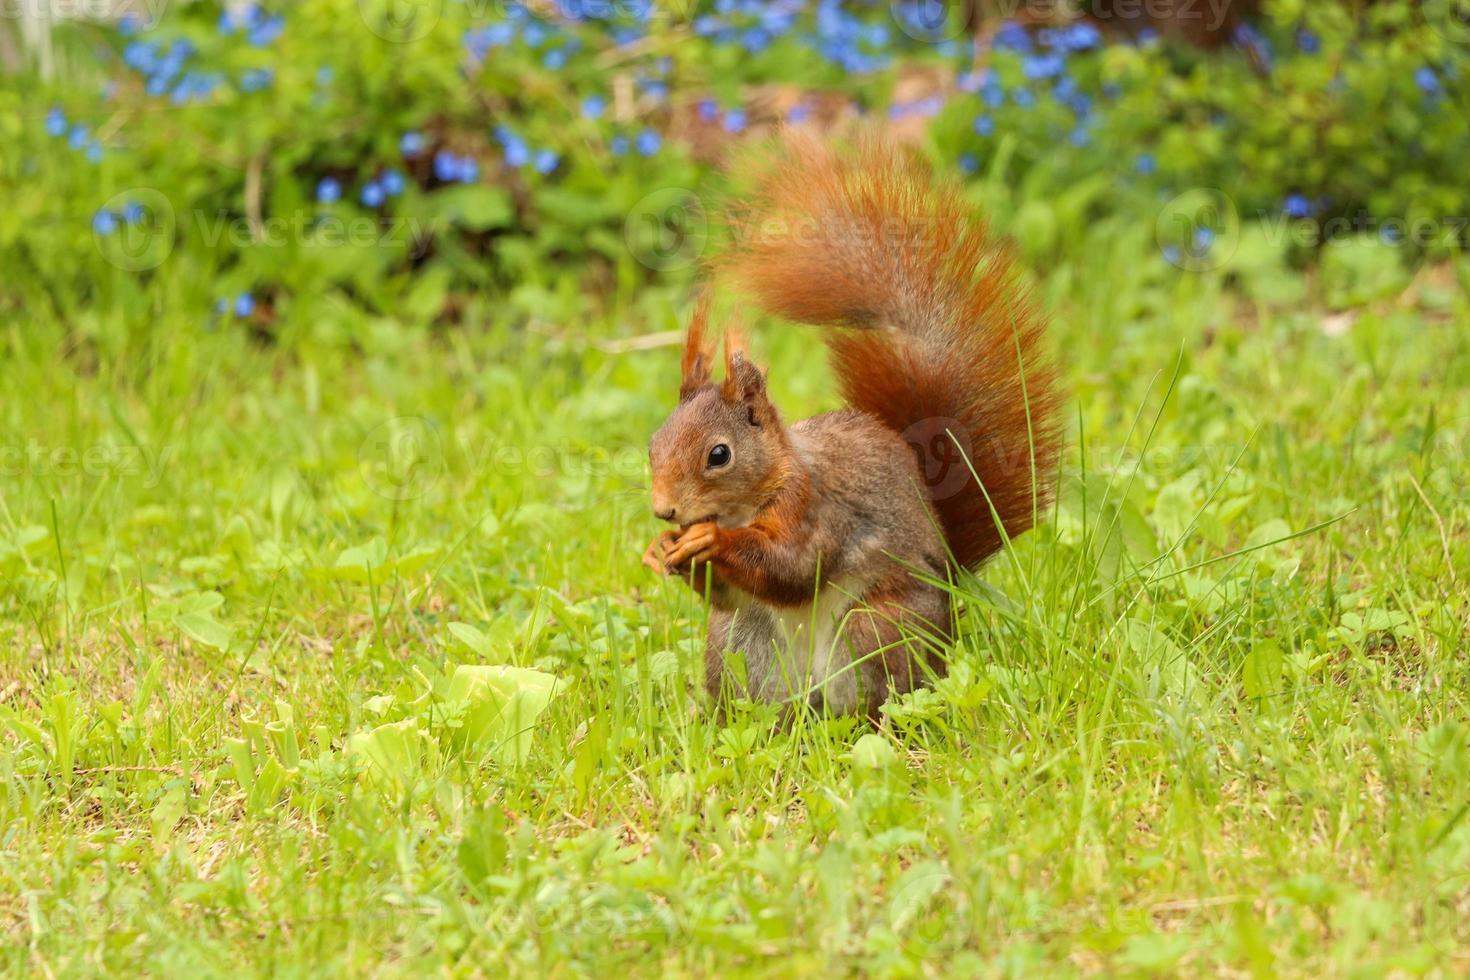 esquilo sentado na grama verde, comendo uma noz foto